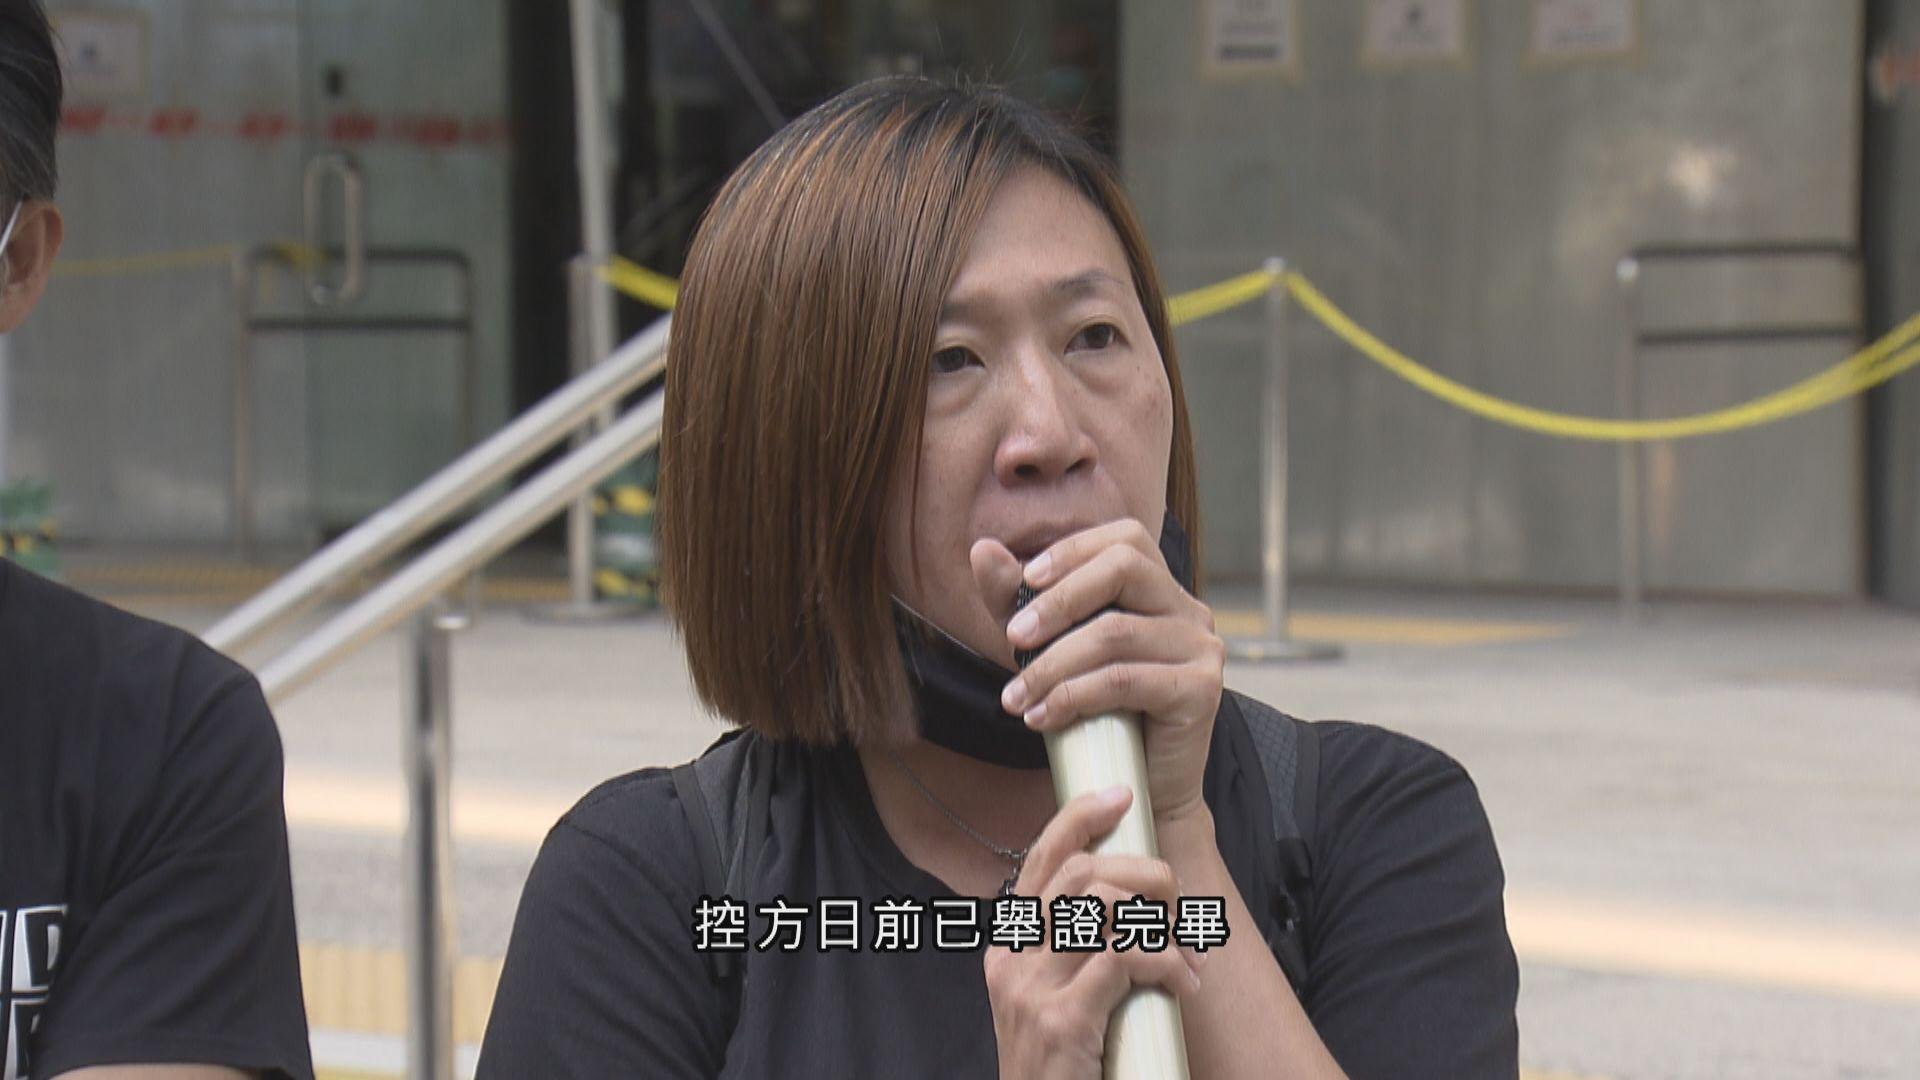 社工陳虹秀831暴動罪表證不成立 當庭獲釋